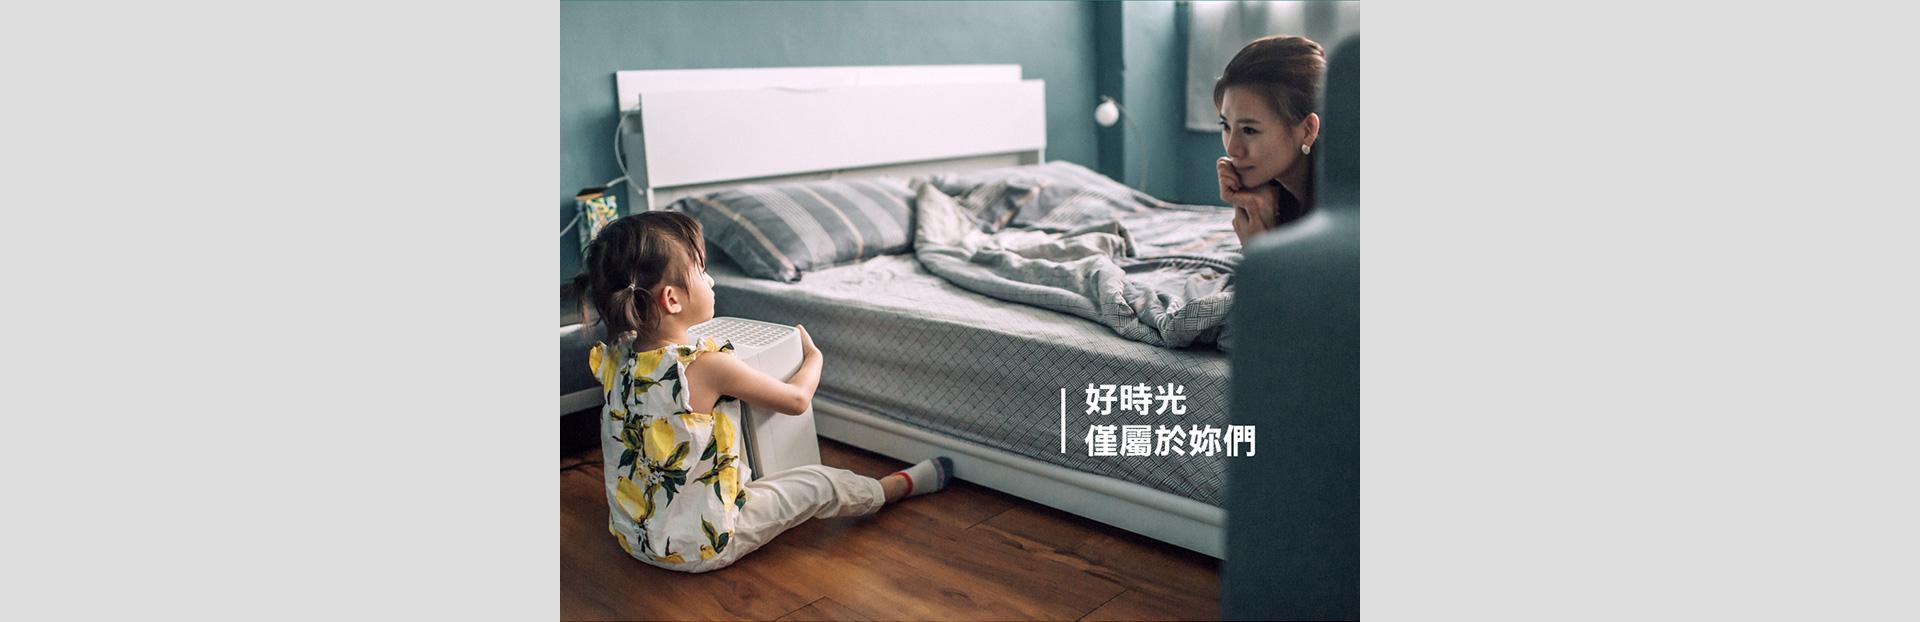 f101_14周年慶-Mobile版_20191104_V4_pc_09